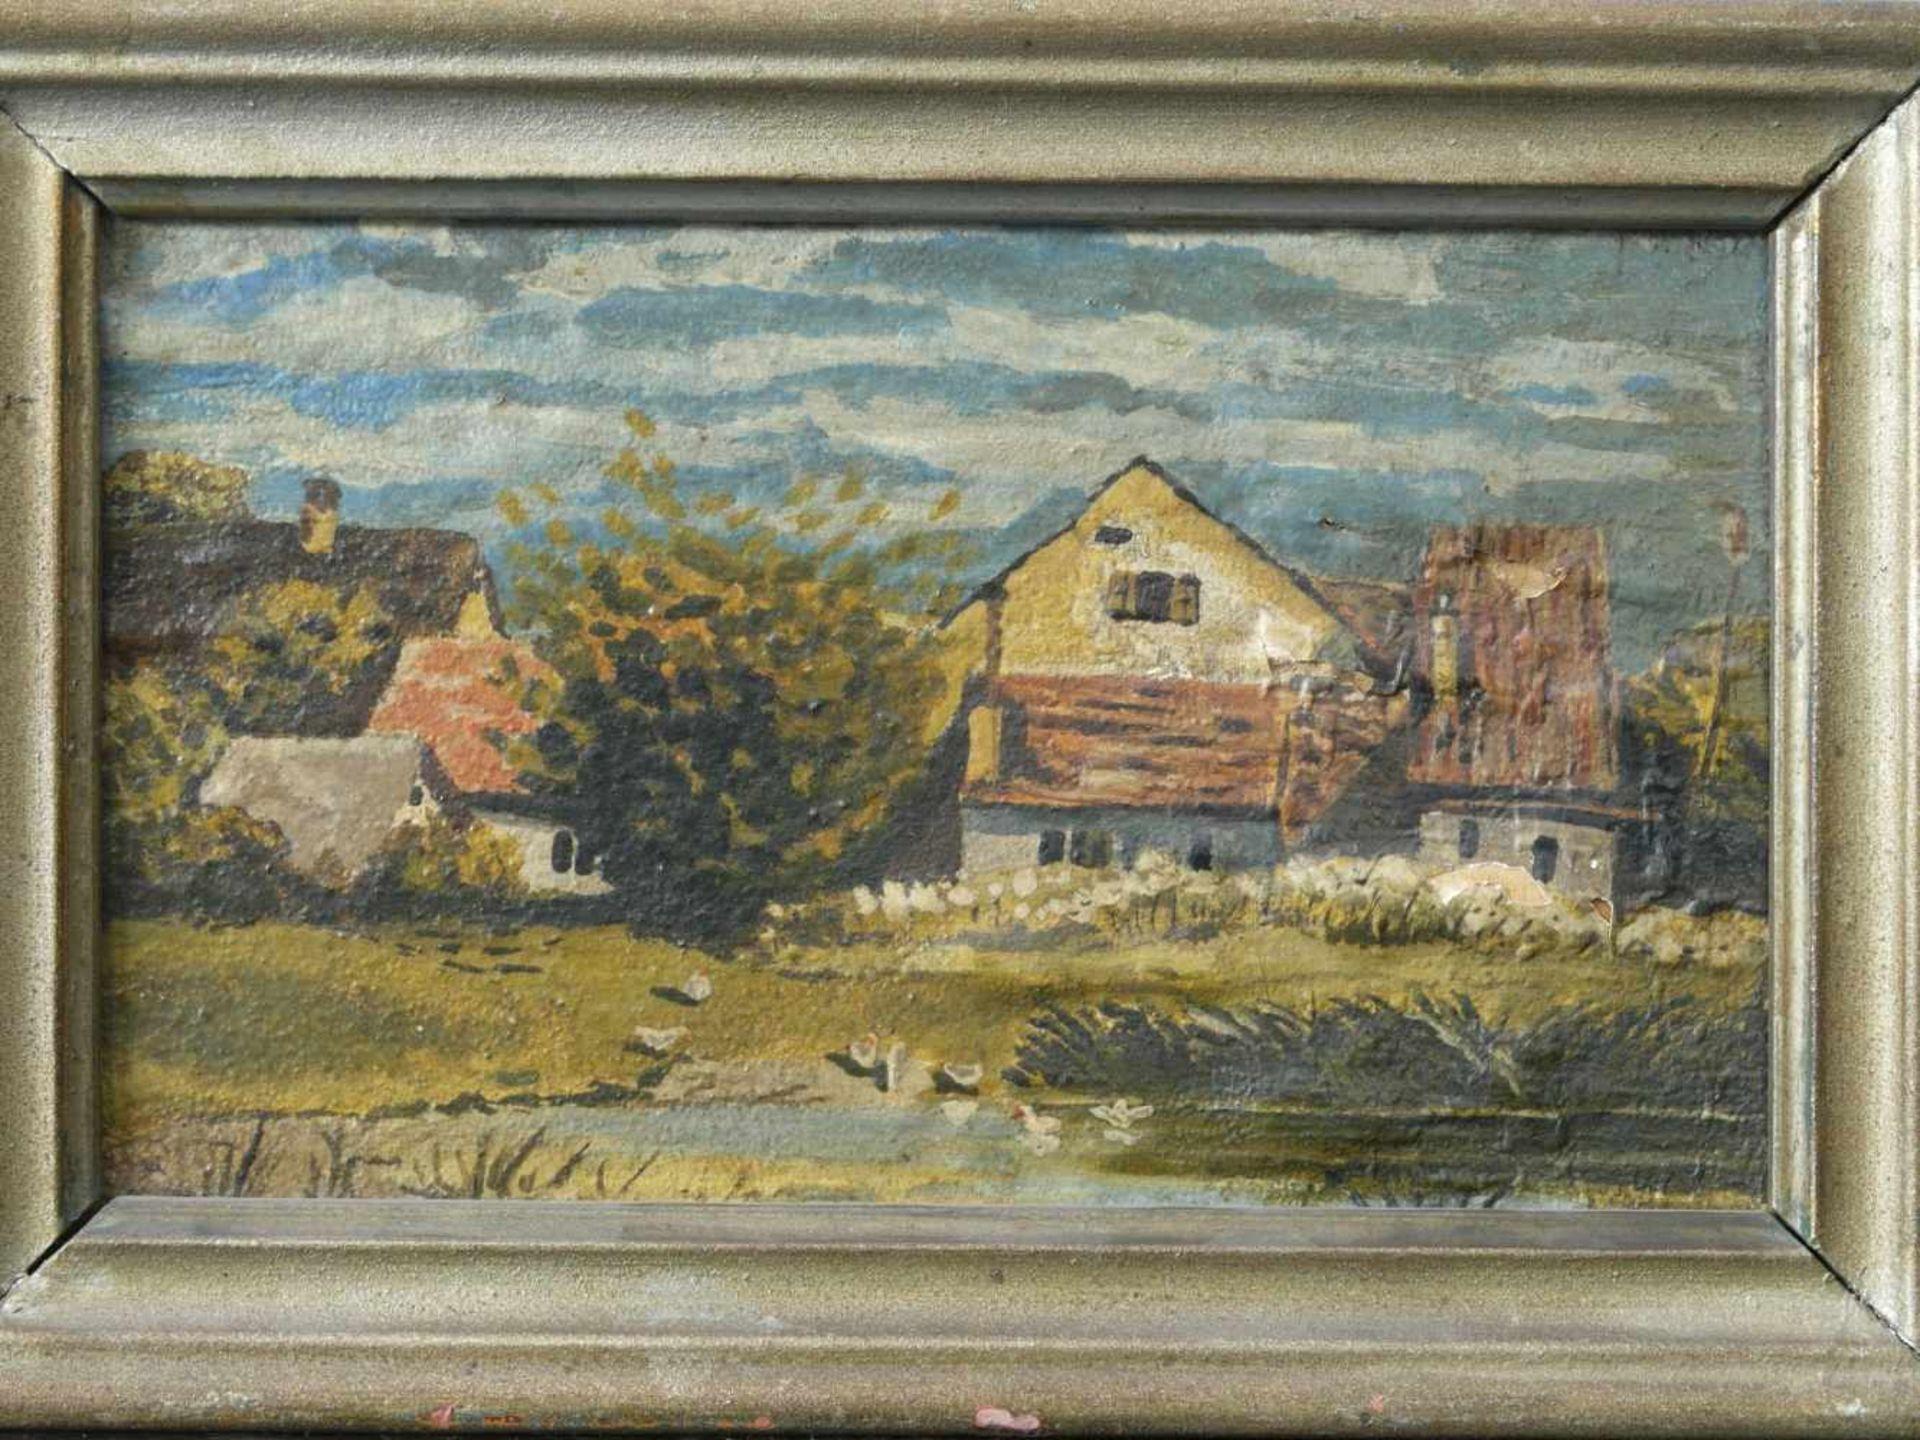 Kugler, Heinrich (1888 - ca. 1946) - Dorflandschaft Leinfarben 1898Bauerngehöft und weitere Häuser - Bild 2 aus 4